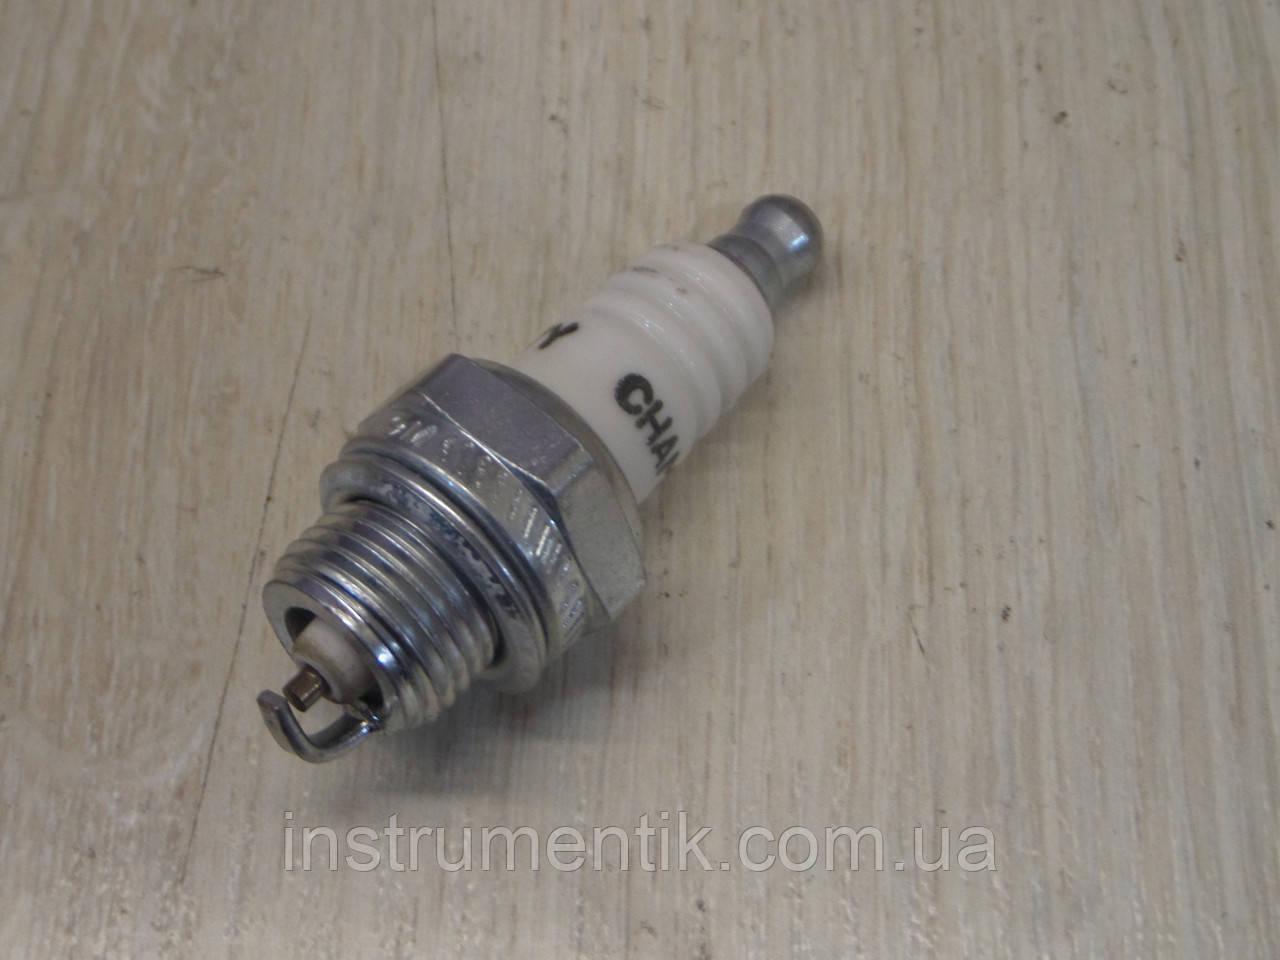 Свічка запалювання Champion для Stihl FS 38, FS 45, FS 45 C-E